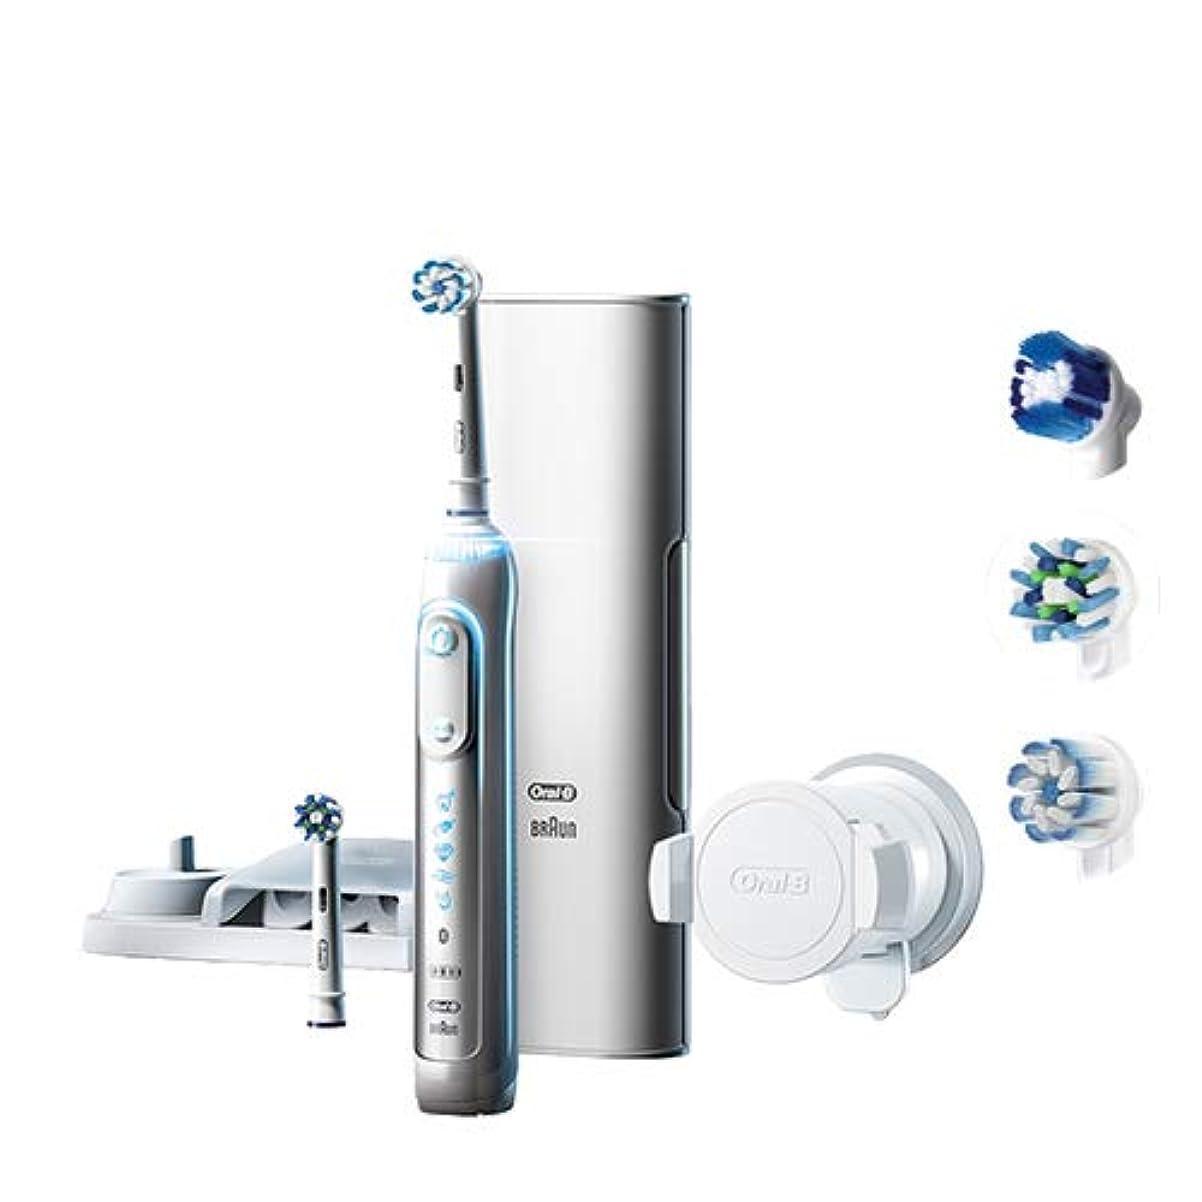 処方するプロポーショナル決してブラウン オーラルB ジーニアス ( GENIUS ) プロフェショナル D701.535.5XCP 歯科医院専売品